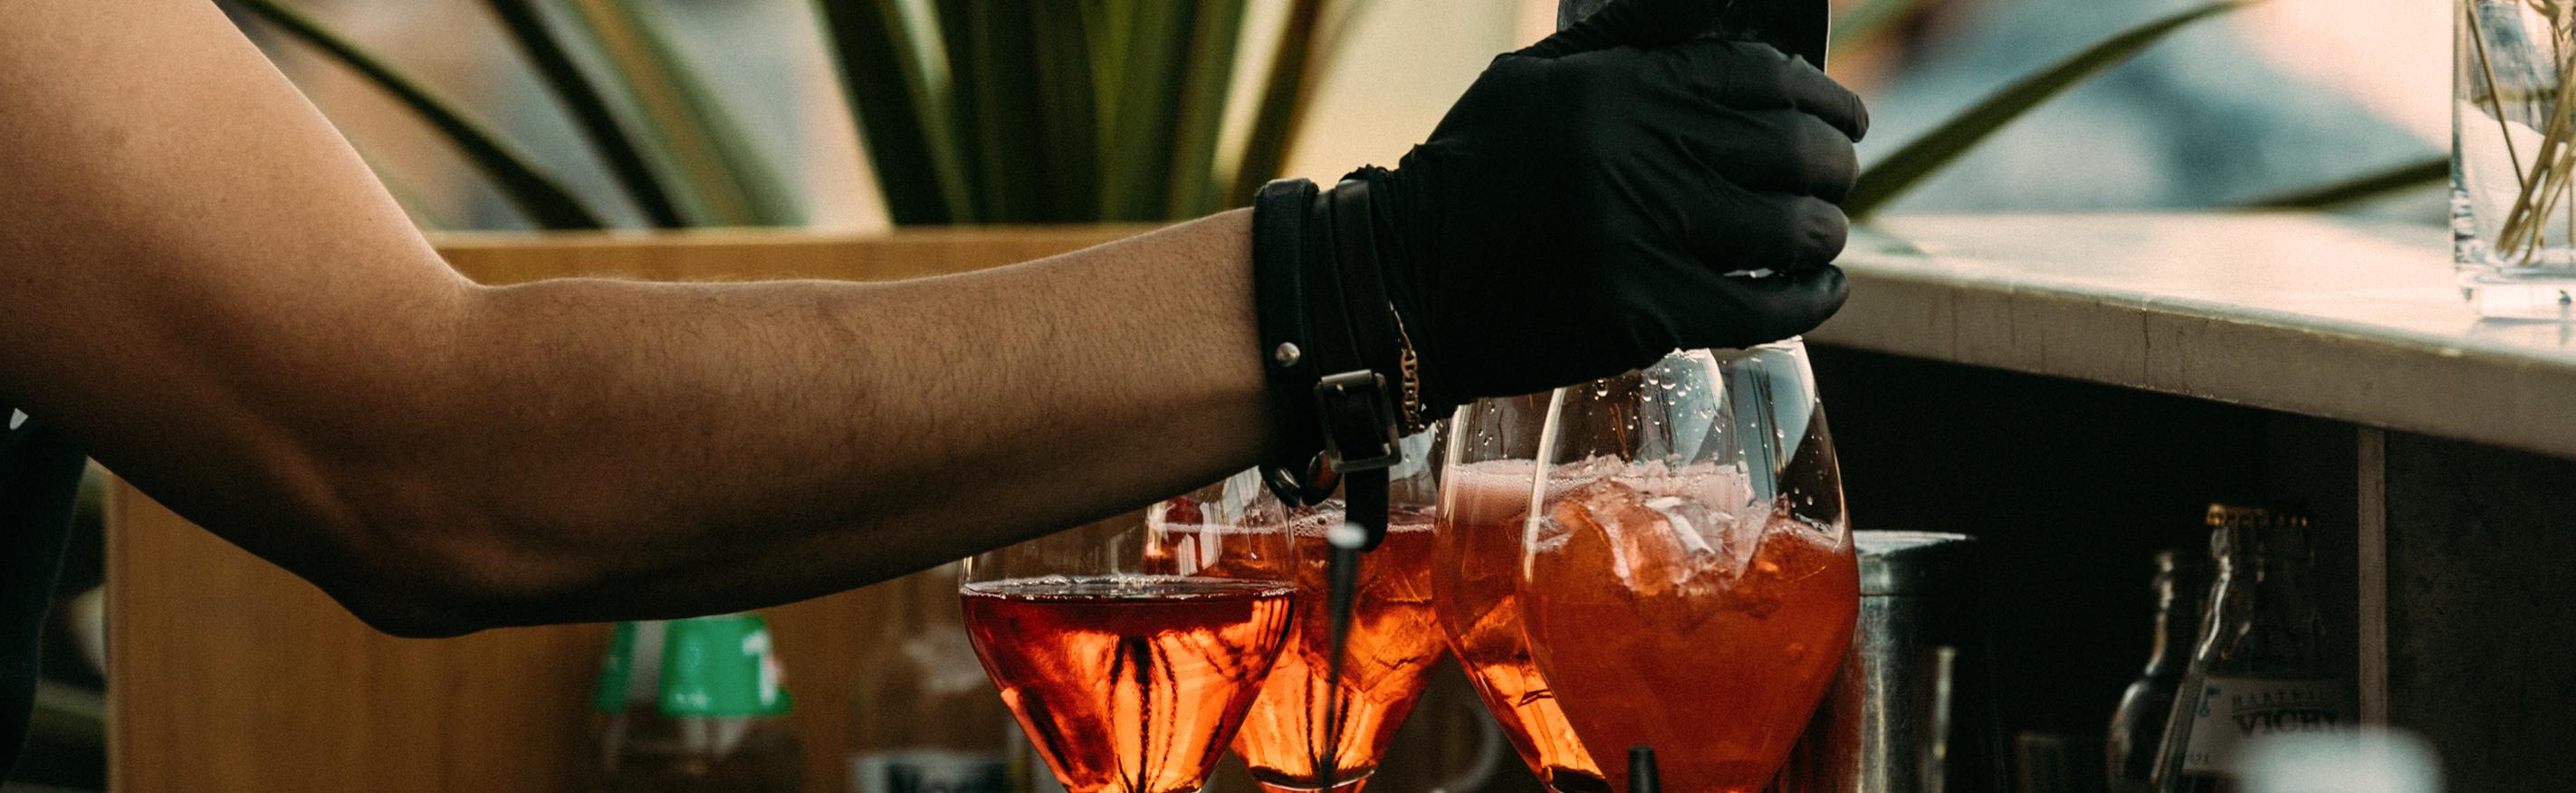 Tarjoilija valmistaa baarissa tai terassilla cocktailia lasiin.